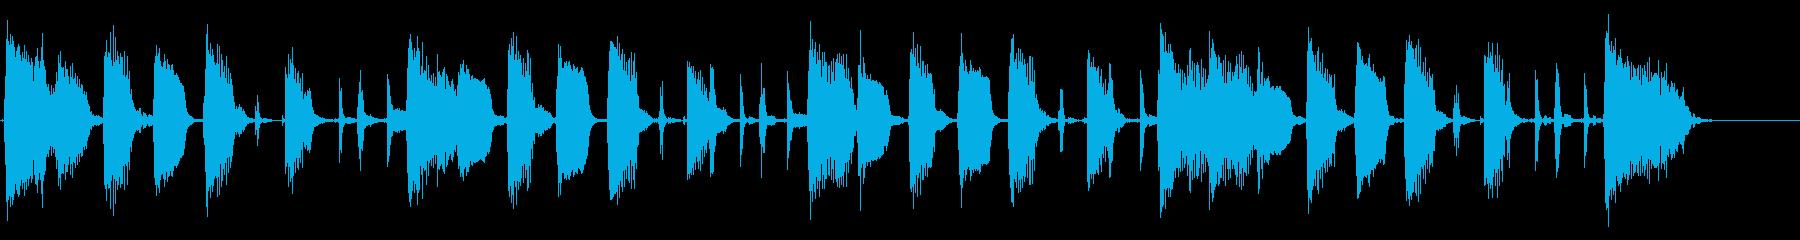 エレキギターでシンプルなリズムの再生済みの波形